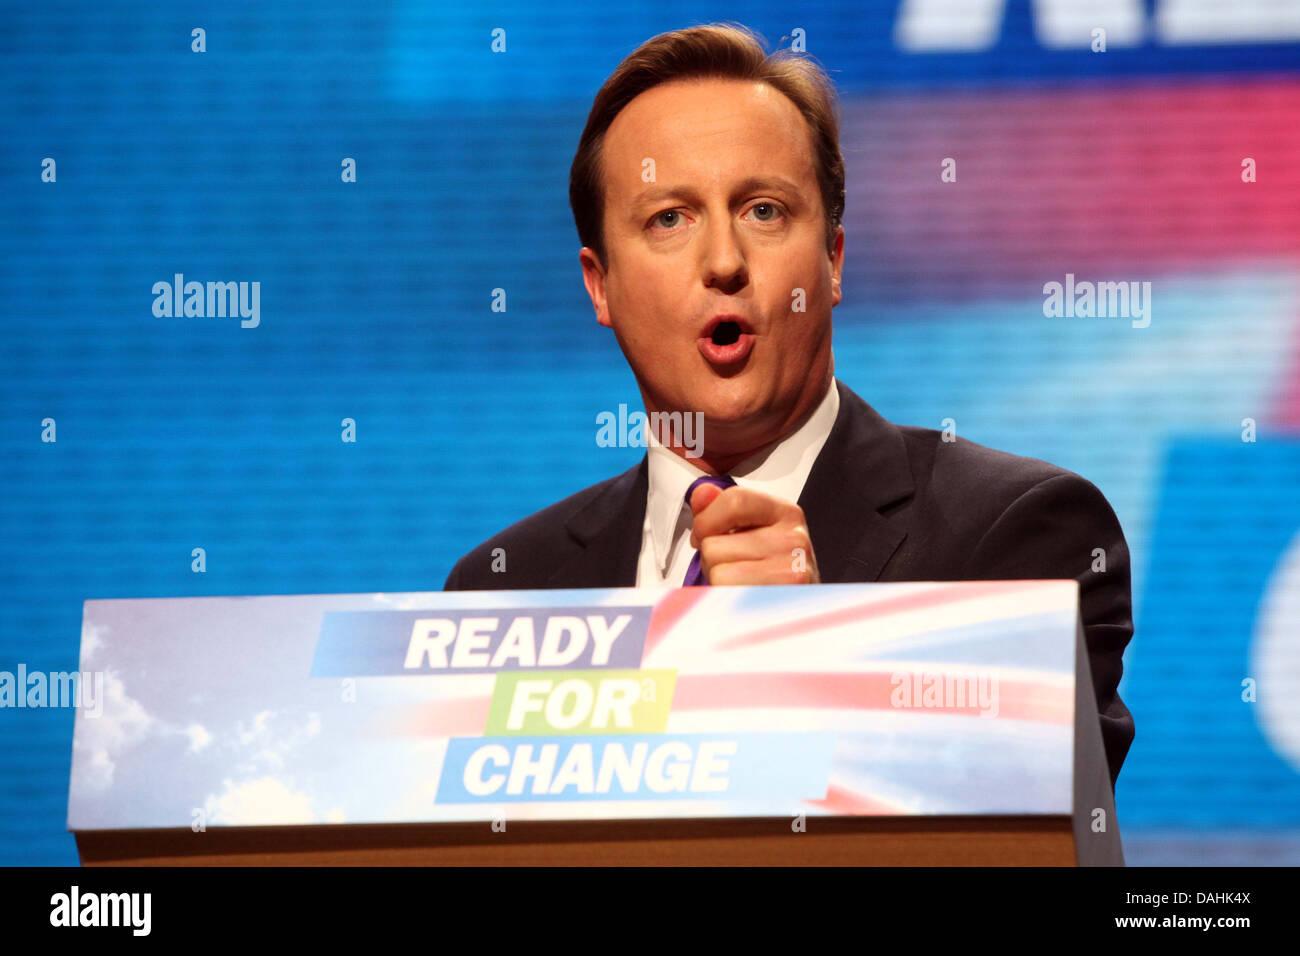 David Cameron congresso del Partito Conservatore 2009 Pronti per il cambiamento Immagini Stock